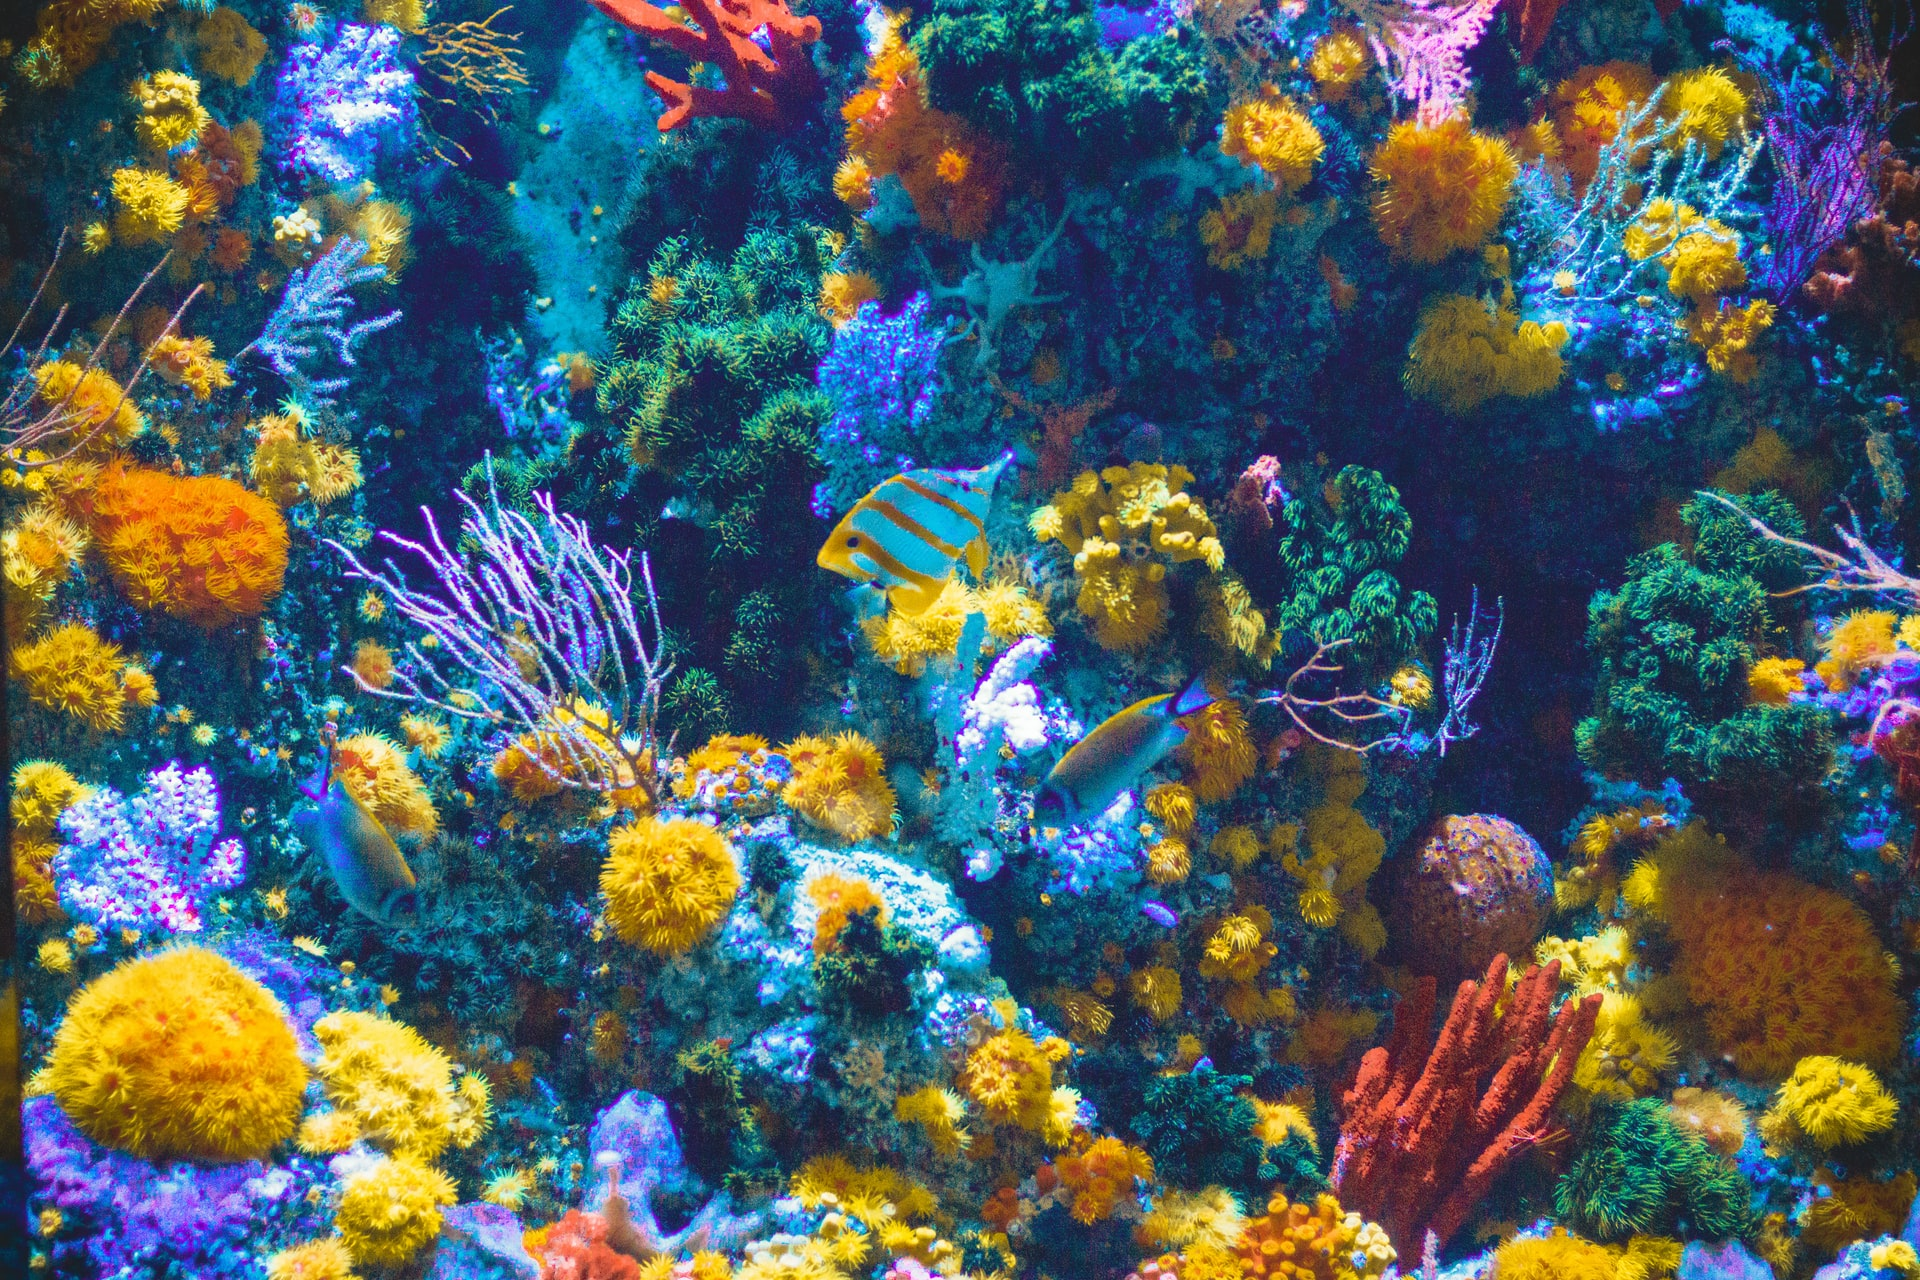 Hoe kun je passend verlichting vinden voor je aquarium